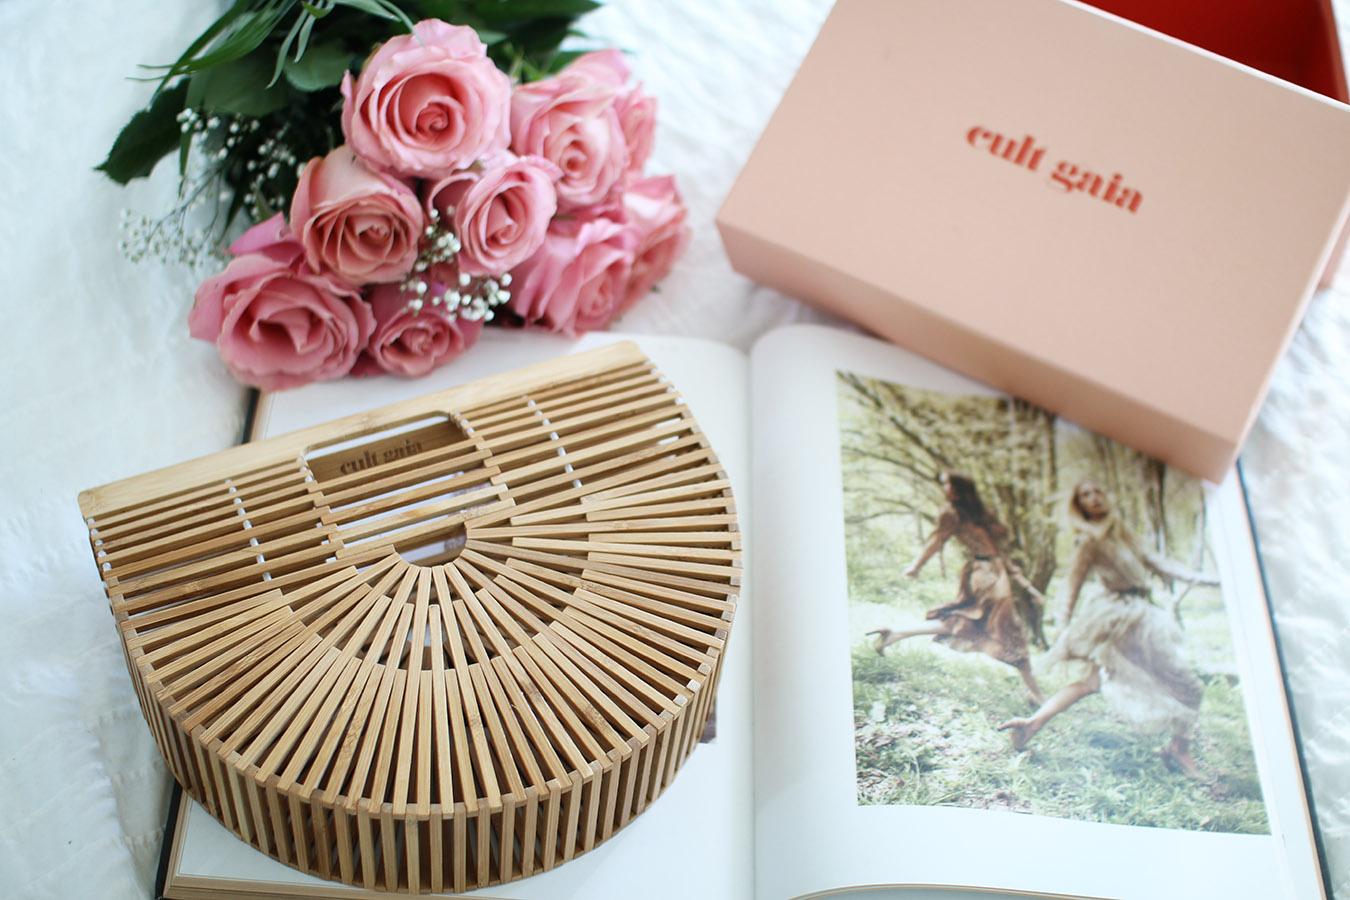 Cult Gaia Bag, Bamboo Ark Clutch, Spring Summer Handbag via A Side Of Vogue